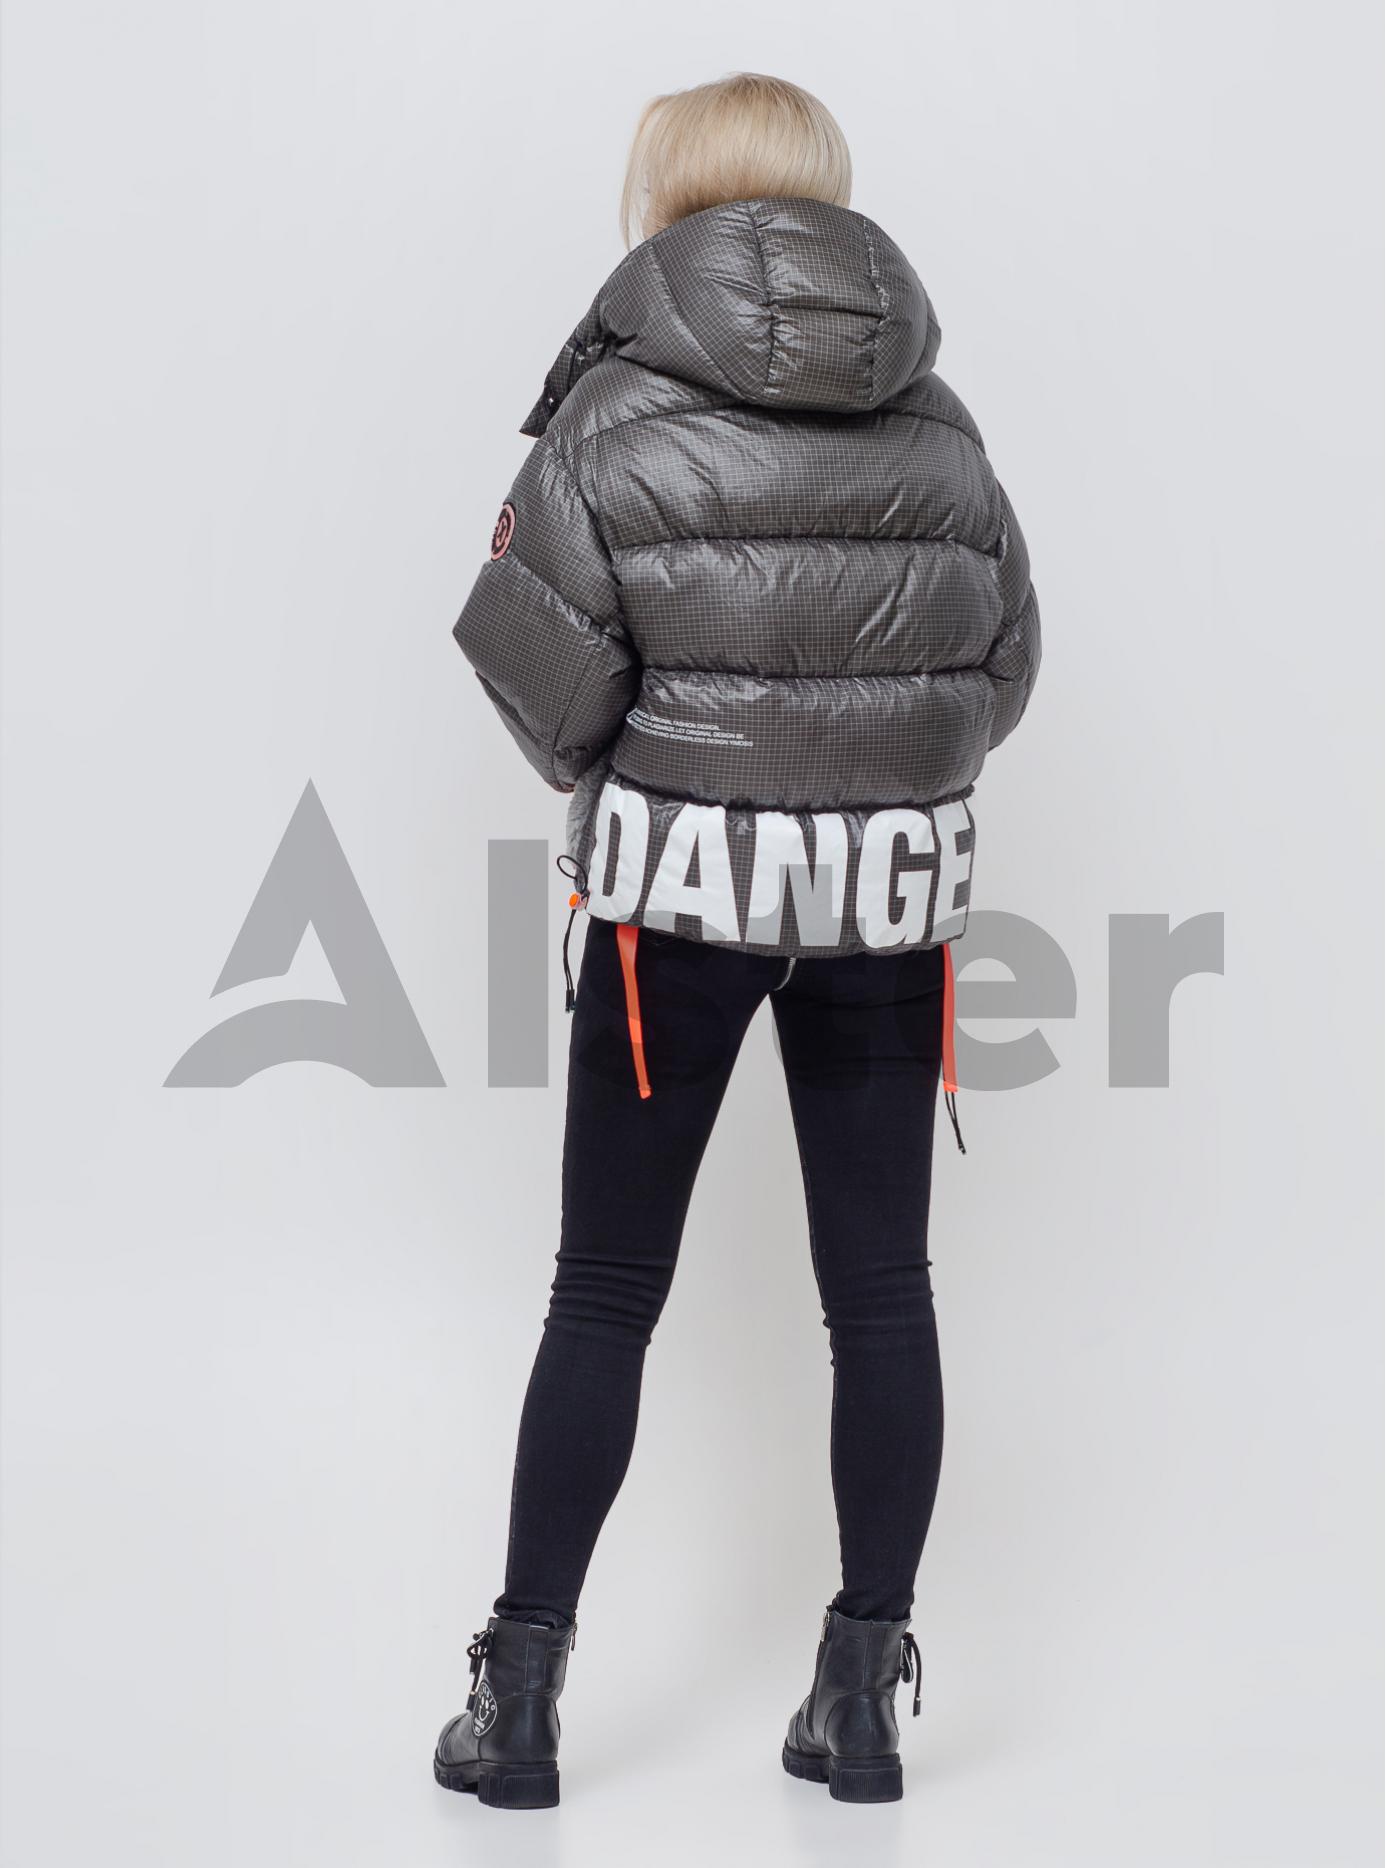 Женский пуховик с капюшоном Серый L (05-SV201179): фото - Alster.ua